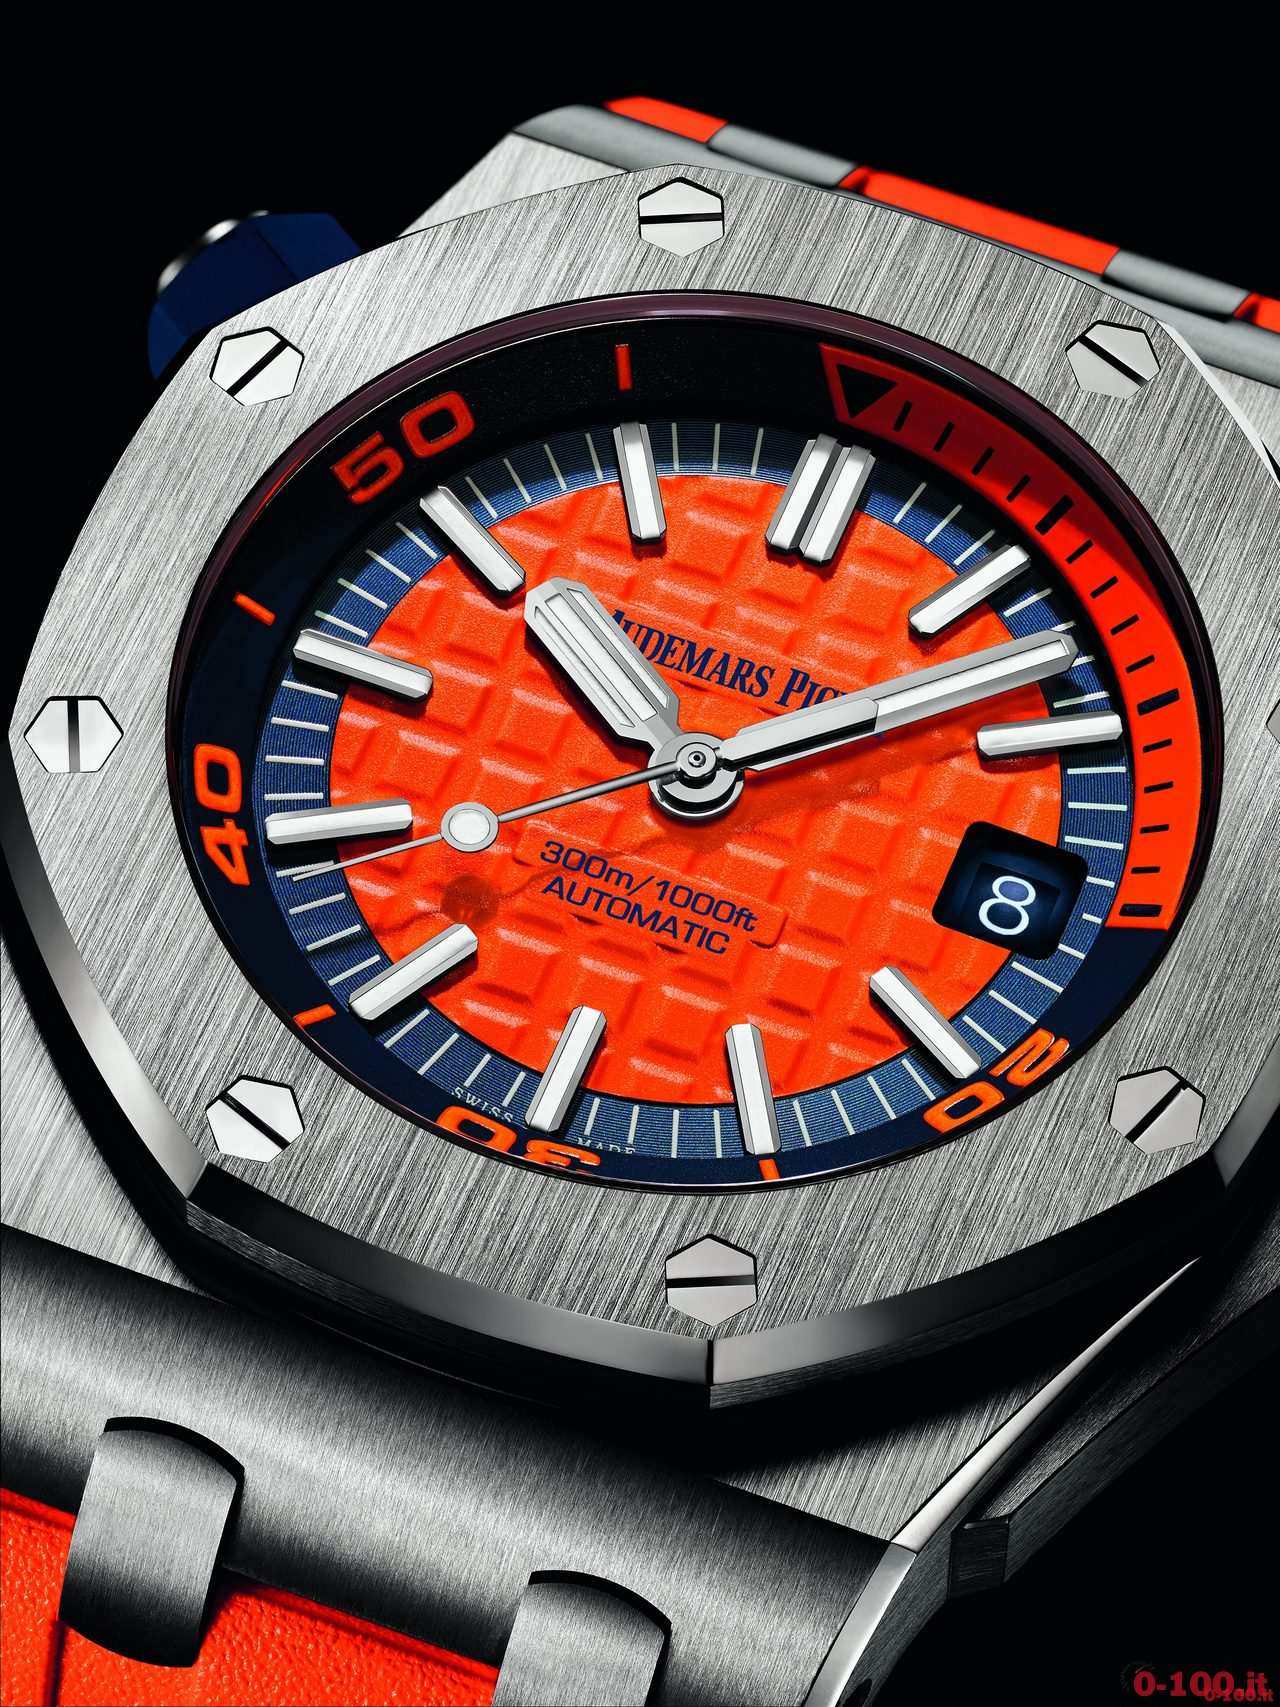 sihh_2017_audemars-piguet-royal-oak-offshore-diver-prezzi-price_0-1005